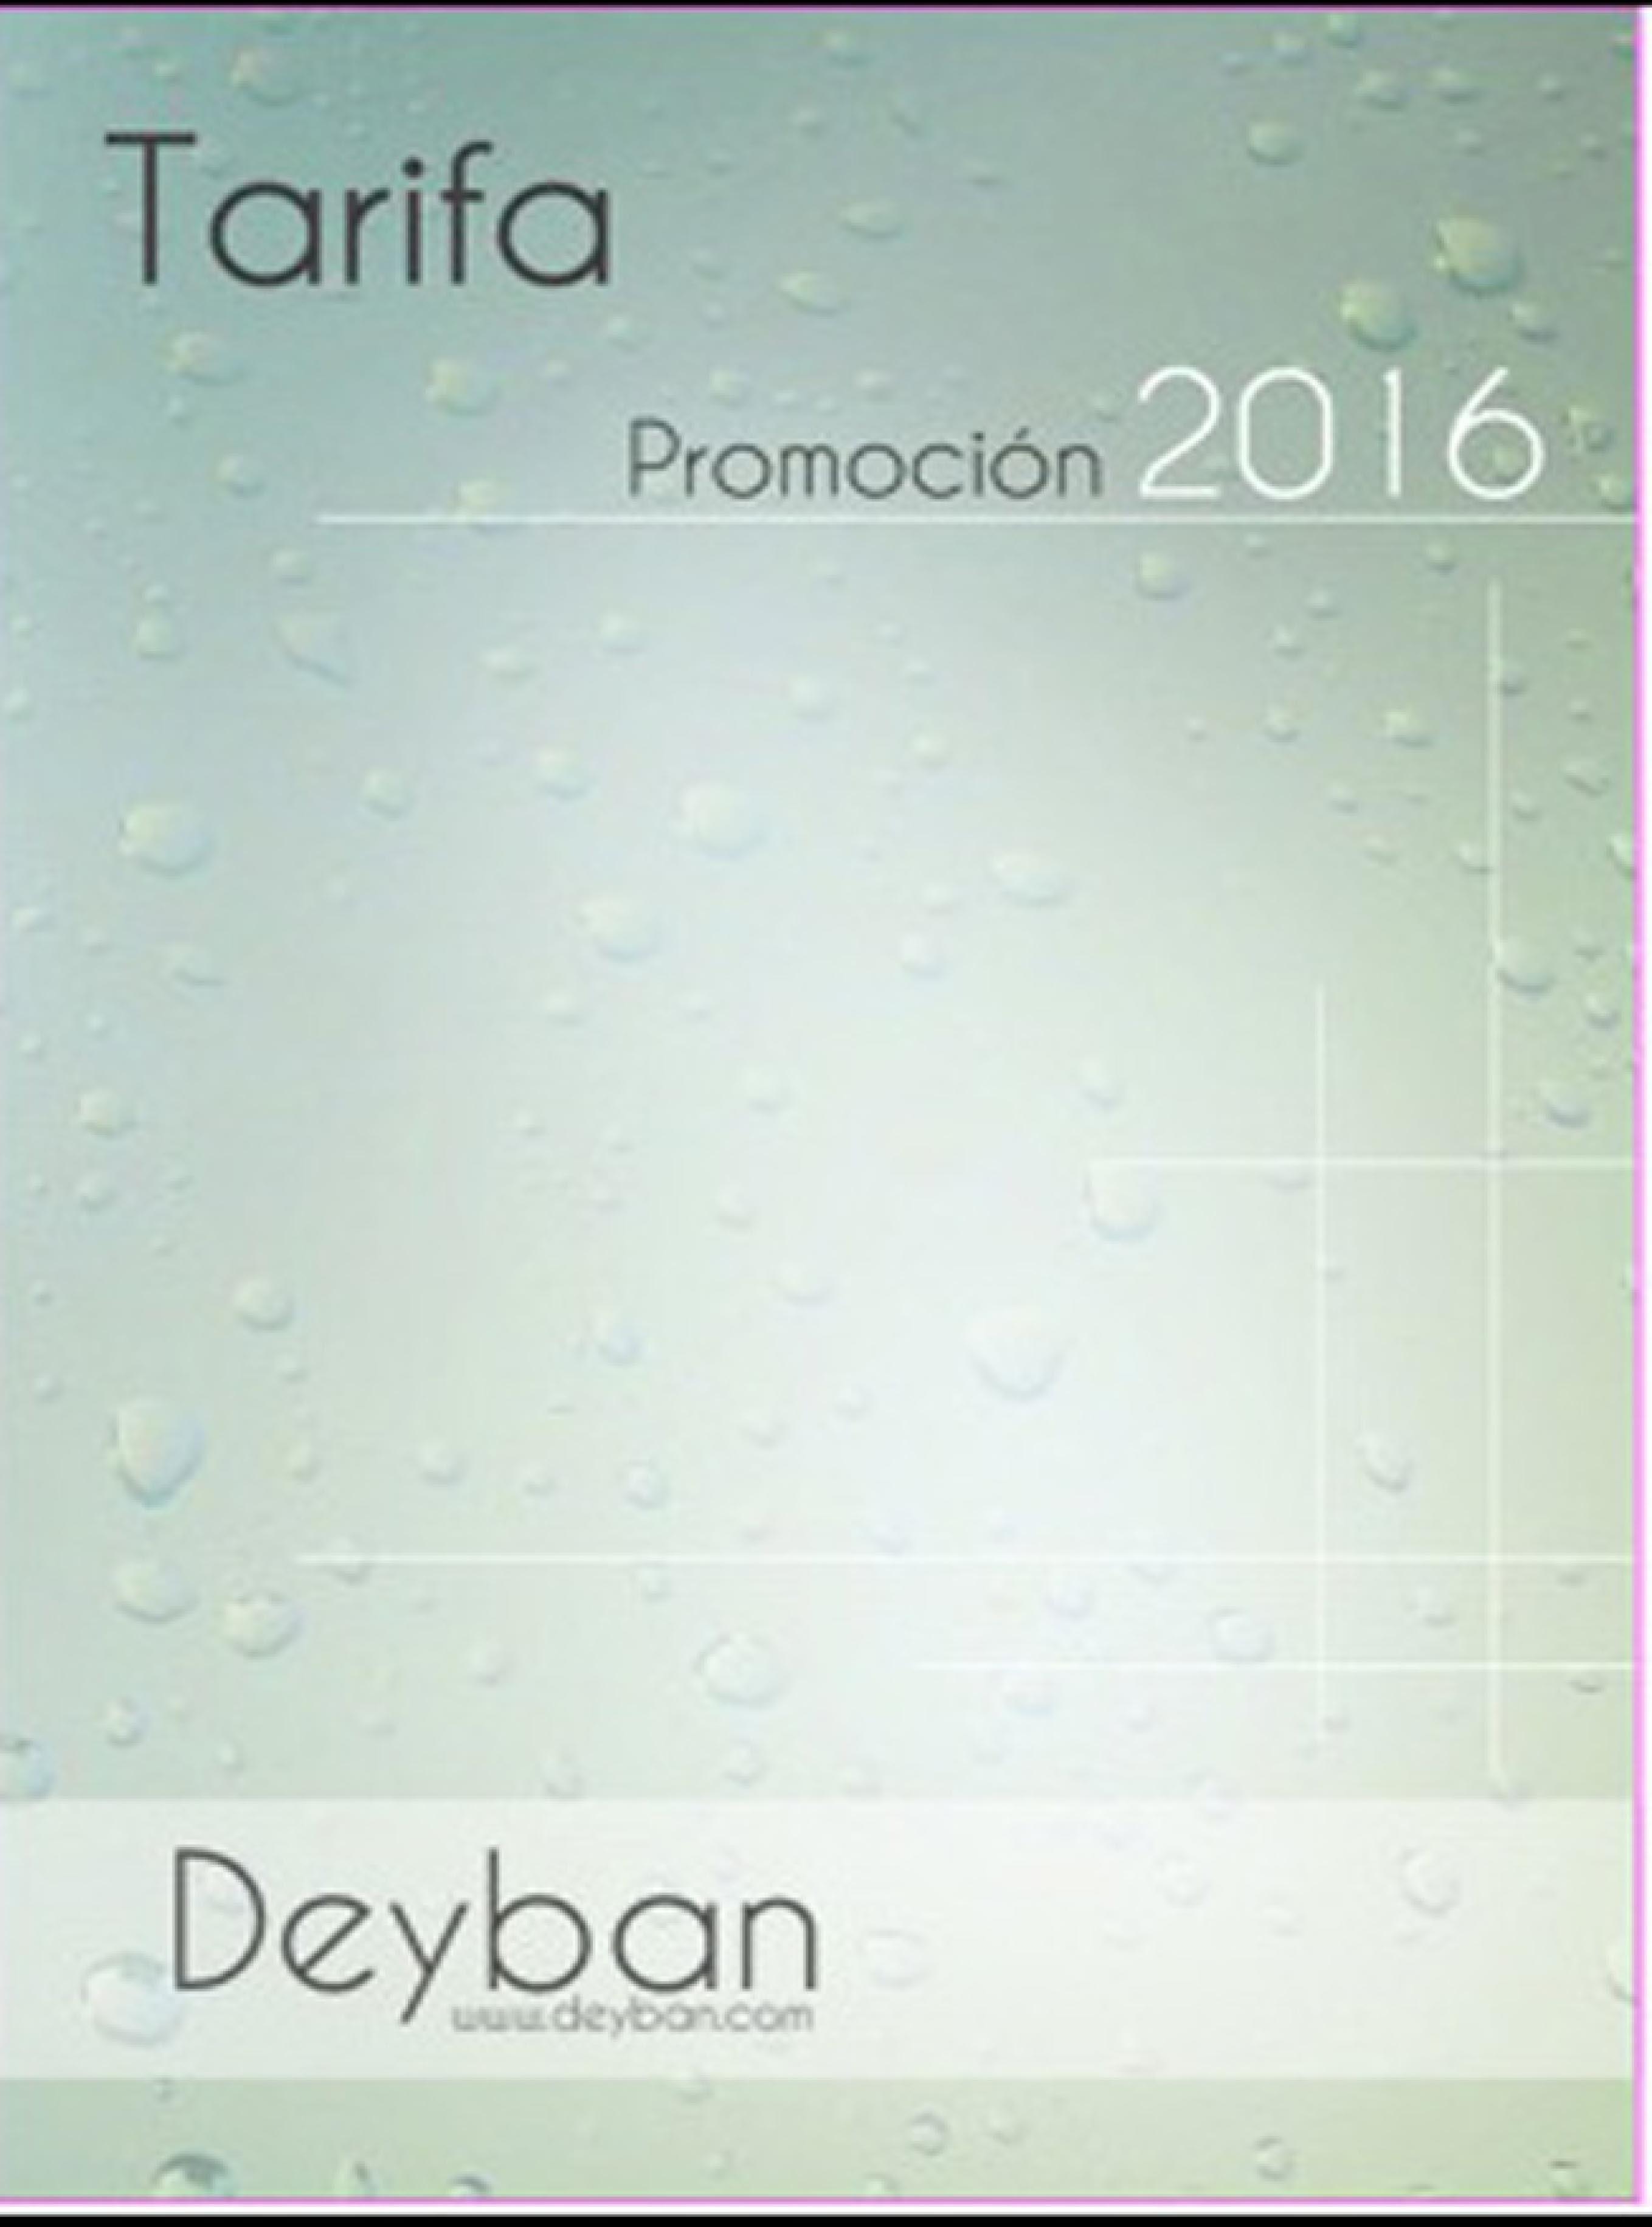 MAMPARAS DEYBAN CATÁLOGO PROMOCIÓN 2016